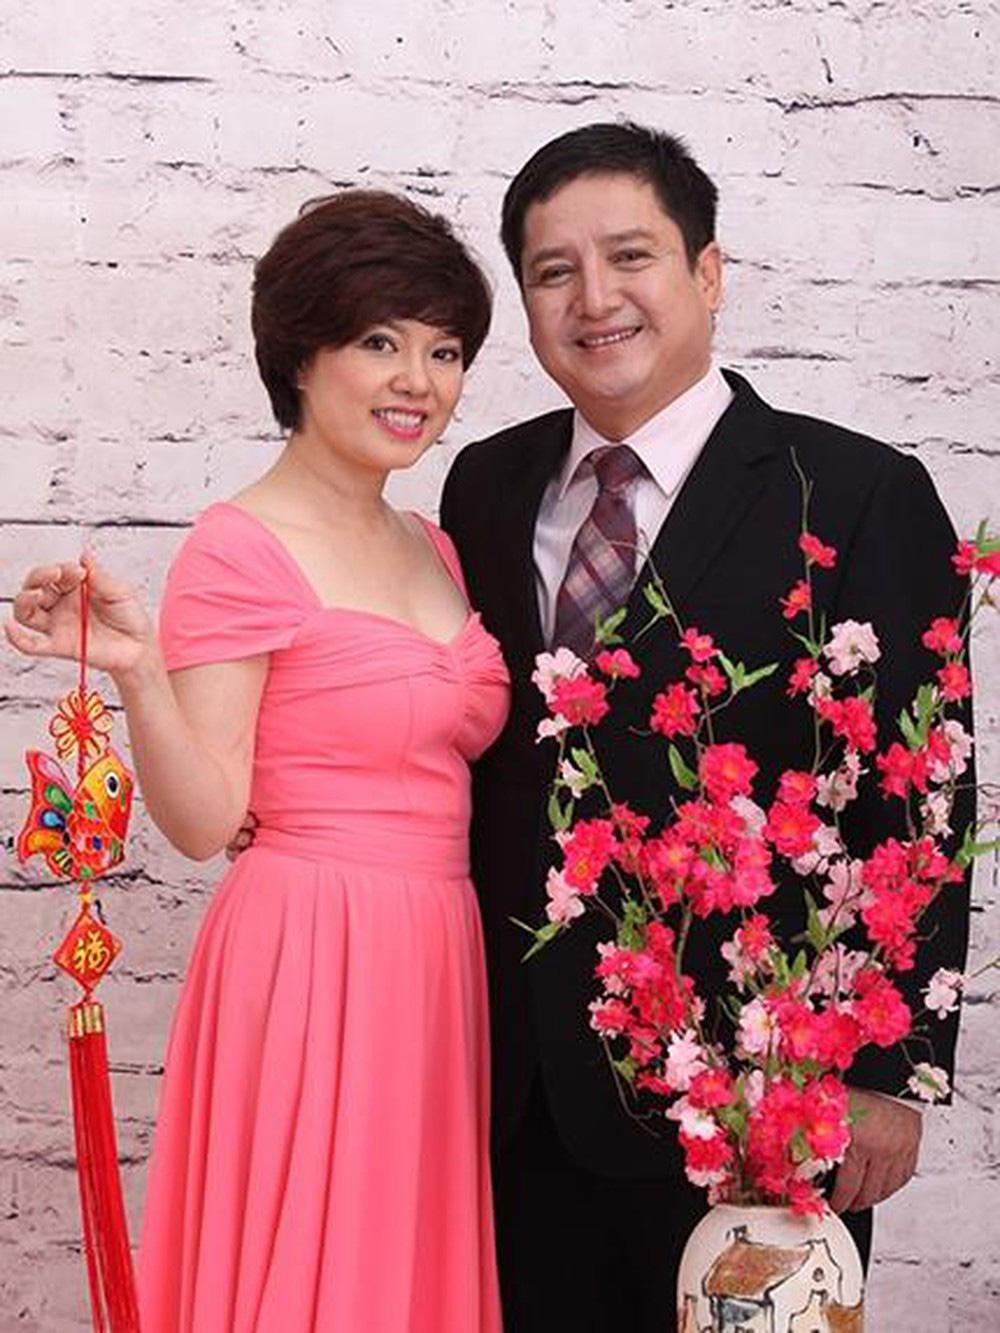 Chí Trung - Ngọc Huyền từng là đôi vợ chồng đẹp của làng giải trí trước khi ly hôn sau hơn 30 năm bên nhau.